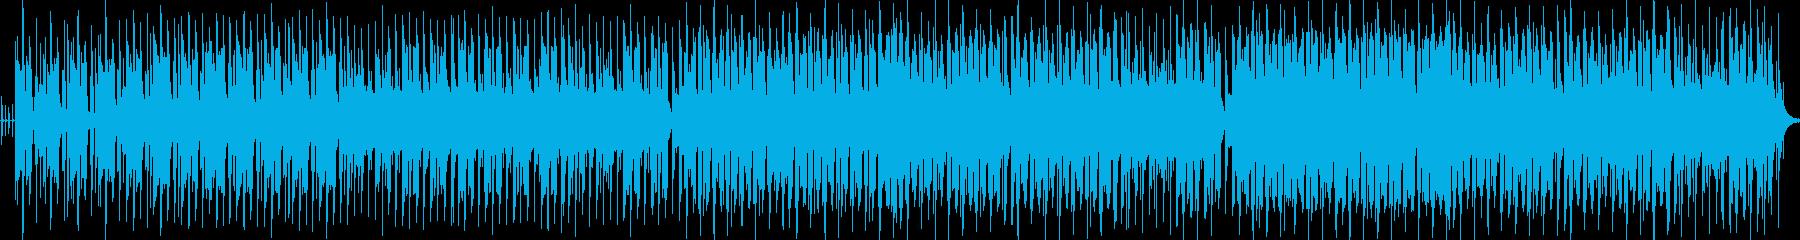 フォークとロック。の再生済みの波形